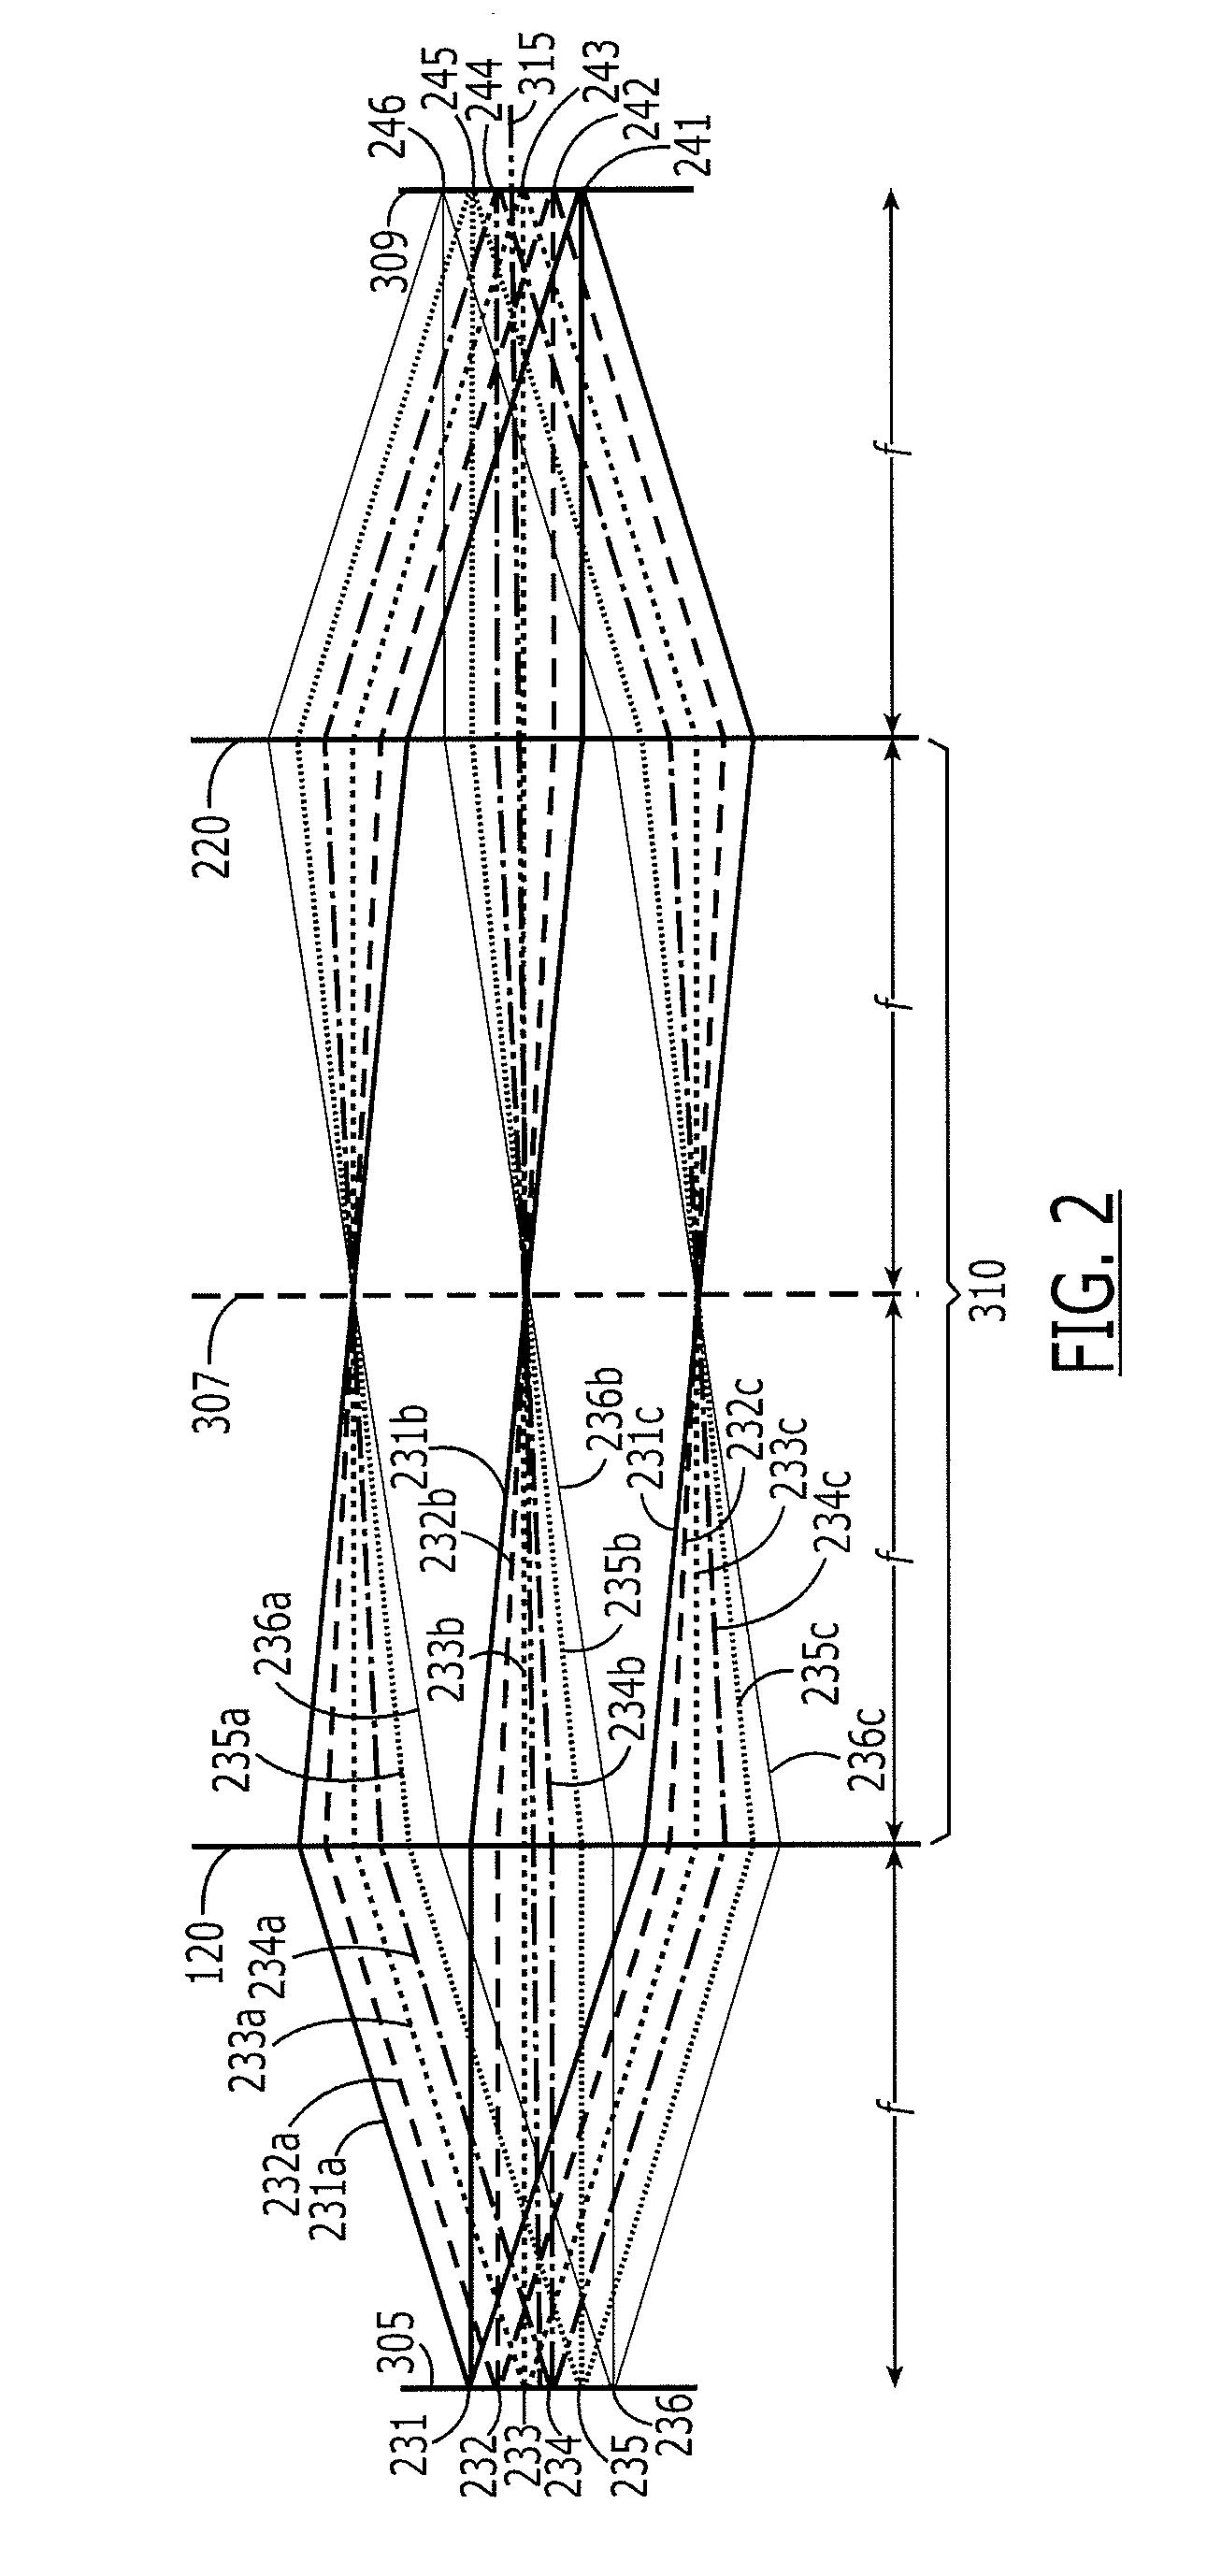 patent us8280205